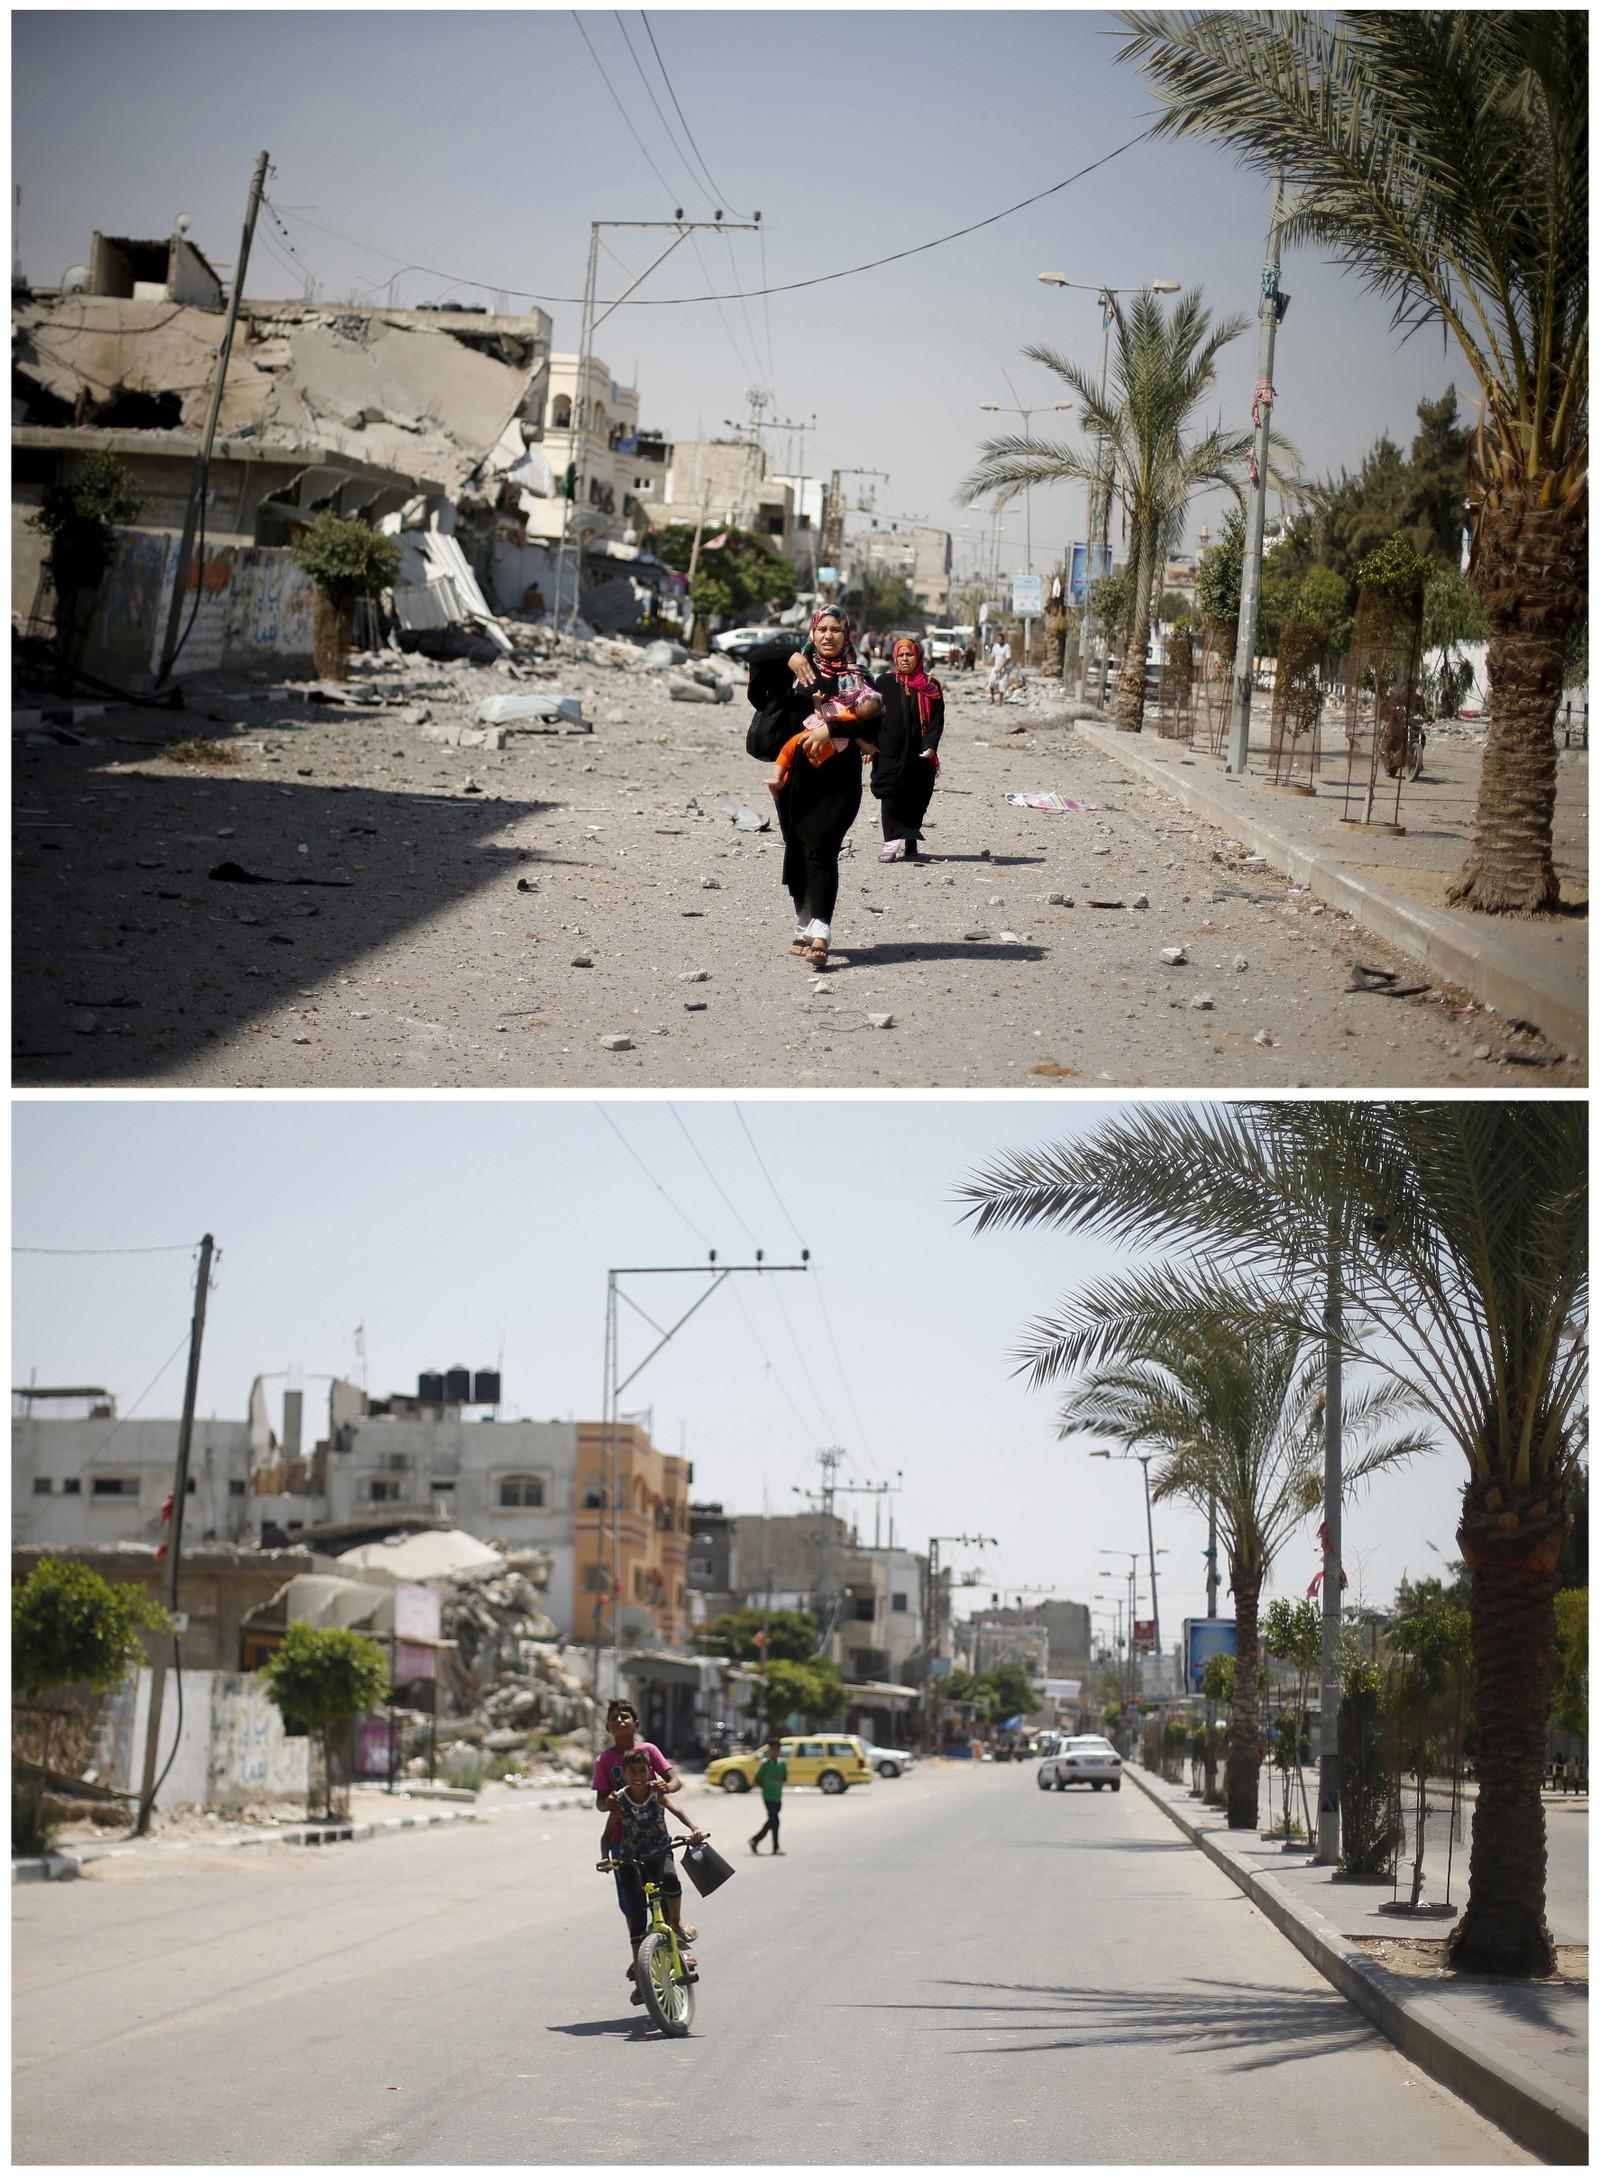 1. august 2014: En palestinsk kvinne ankommer nabolaget sitt i Beit Hanoun på Gazastripen, der israelske bomber har ført til store ødeleggelser. Bildet under er tatt et snaut år senere.